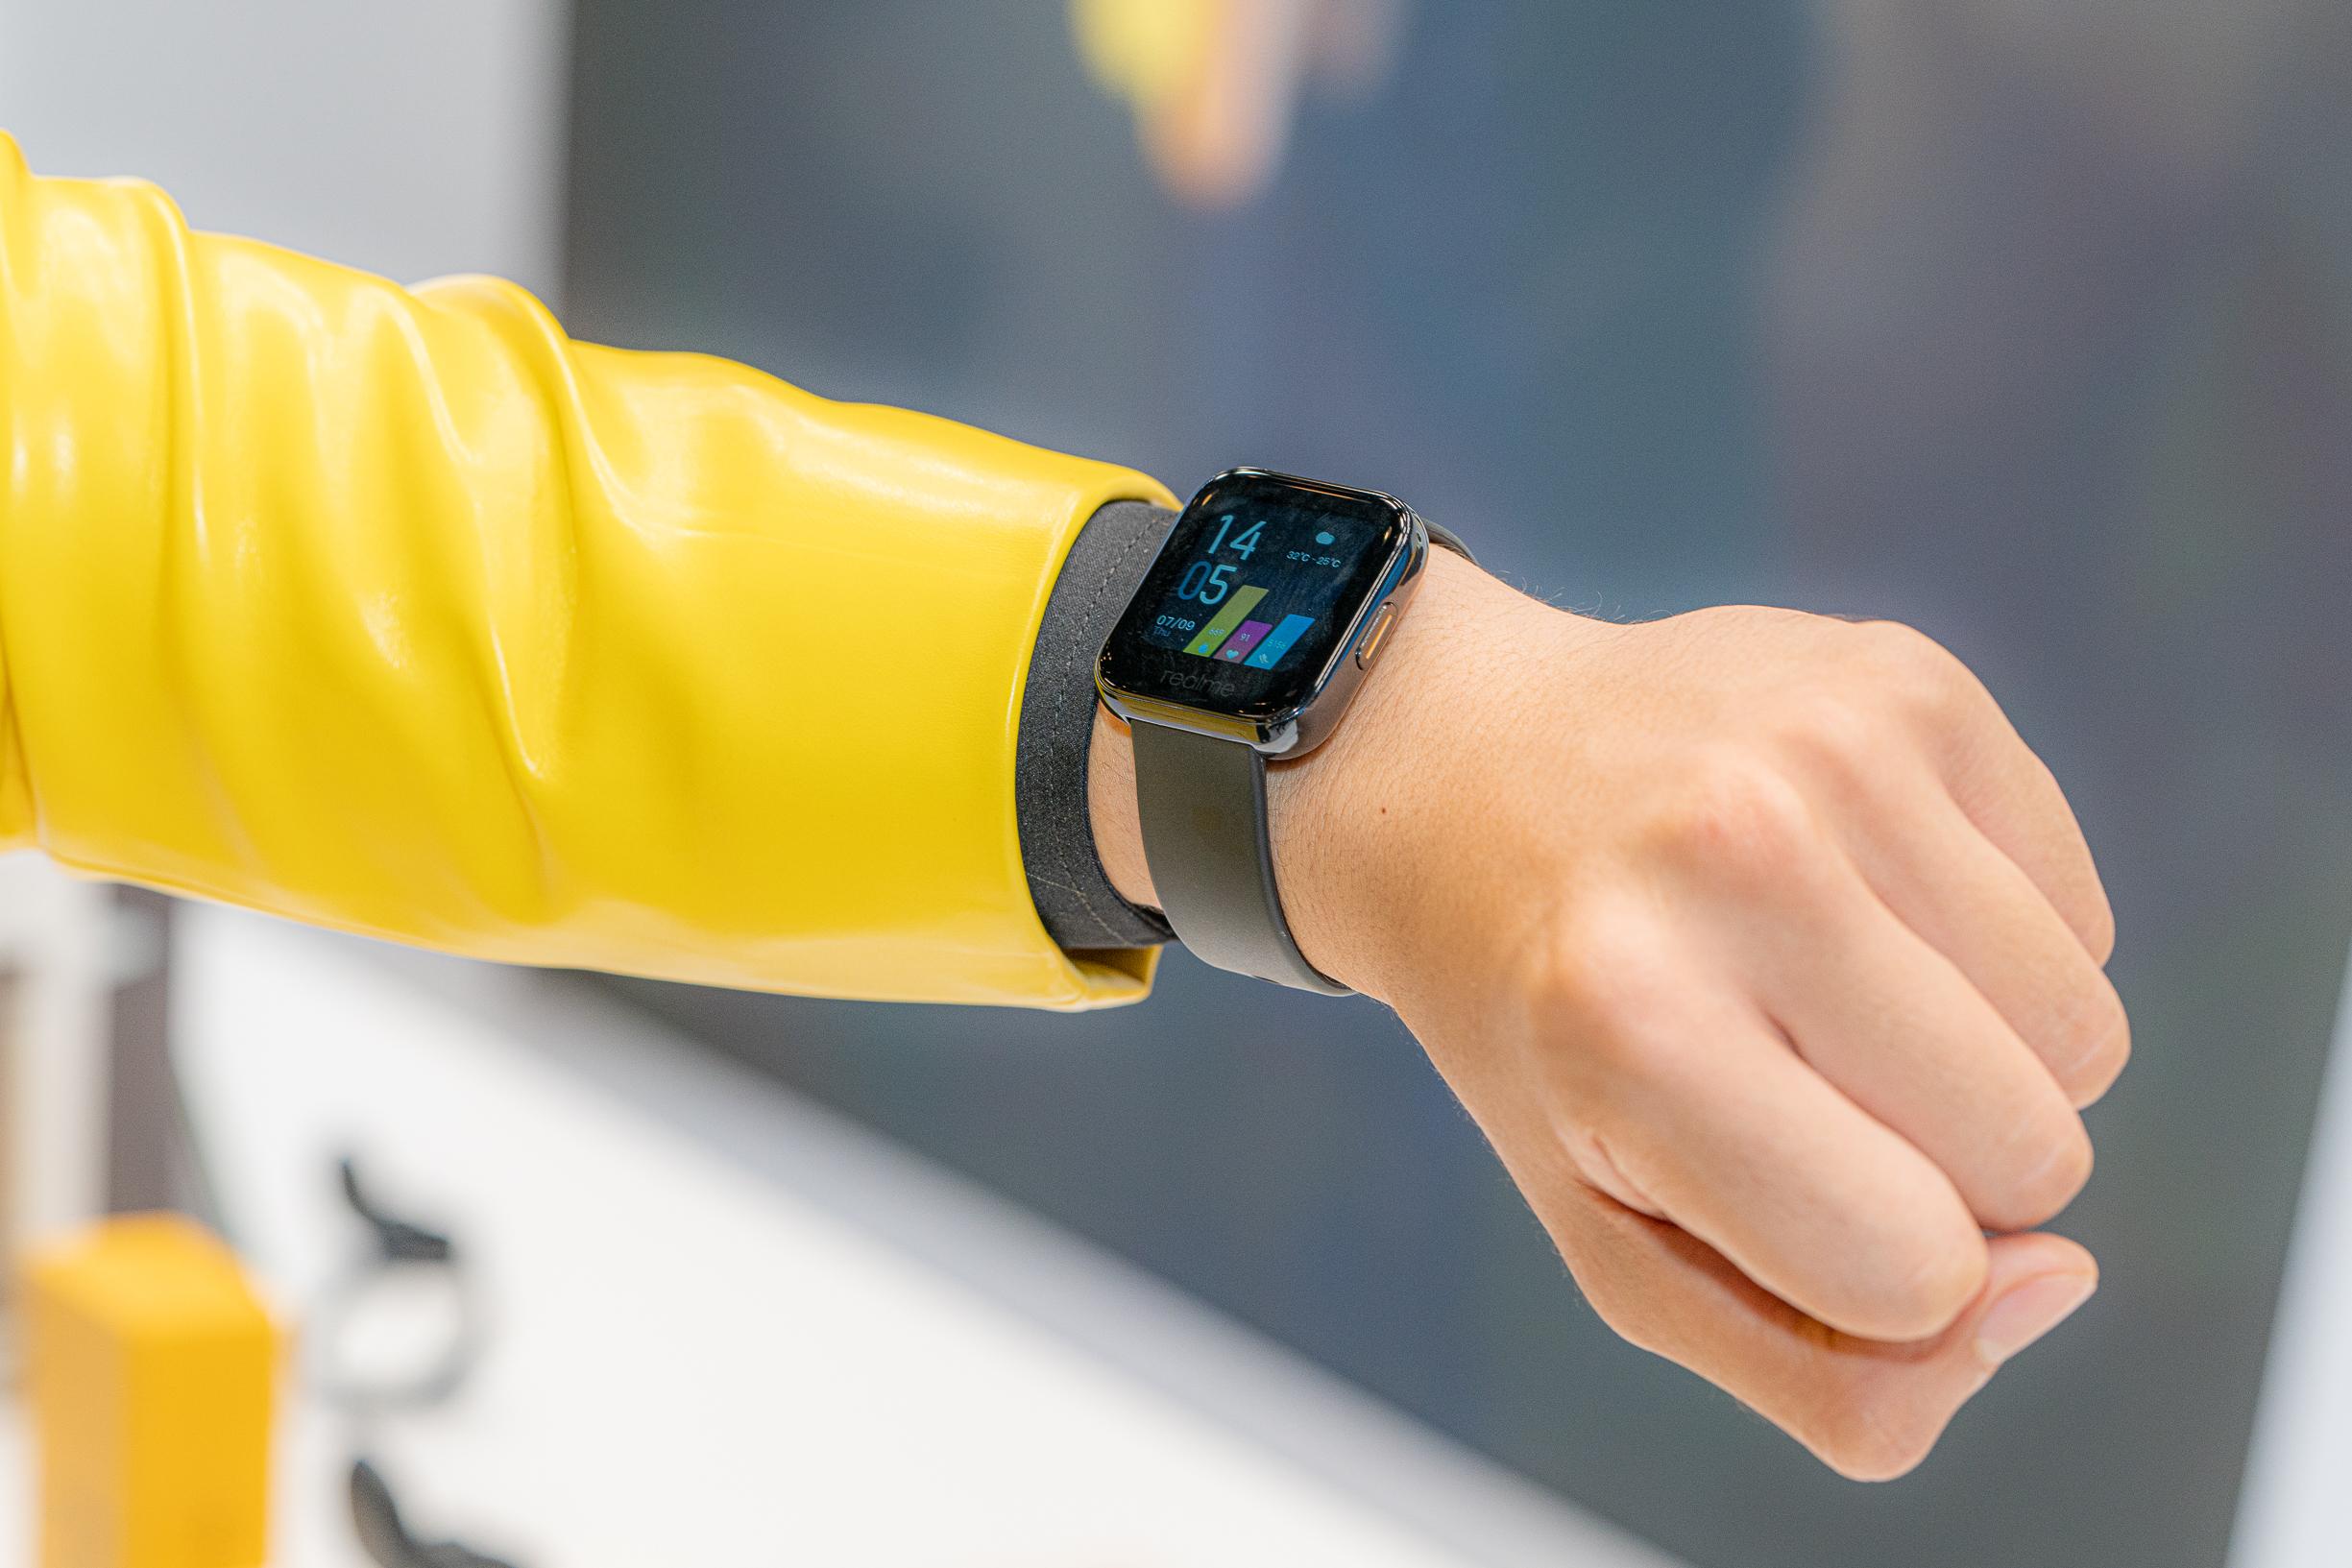 Realme Watch tham chiến thị trường đồng hồ thông minh phổ thông, cạnh tranh từ tính năng đến giá bán - Ảnh 1.